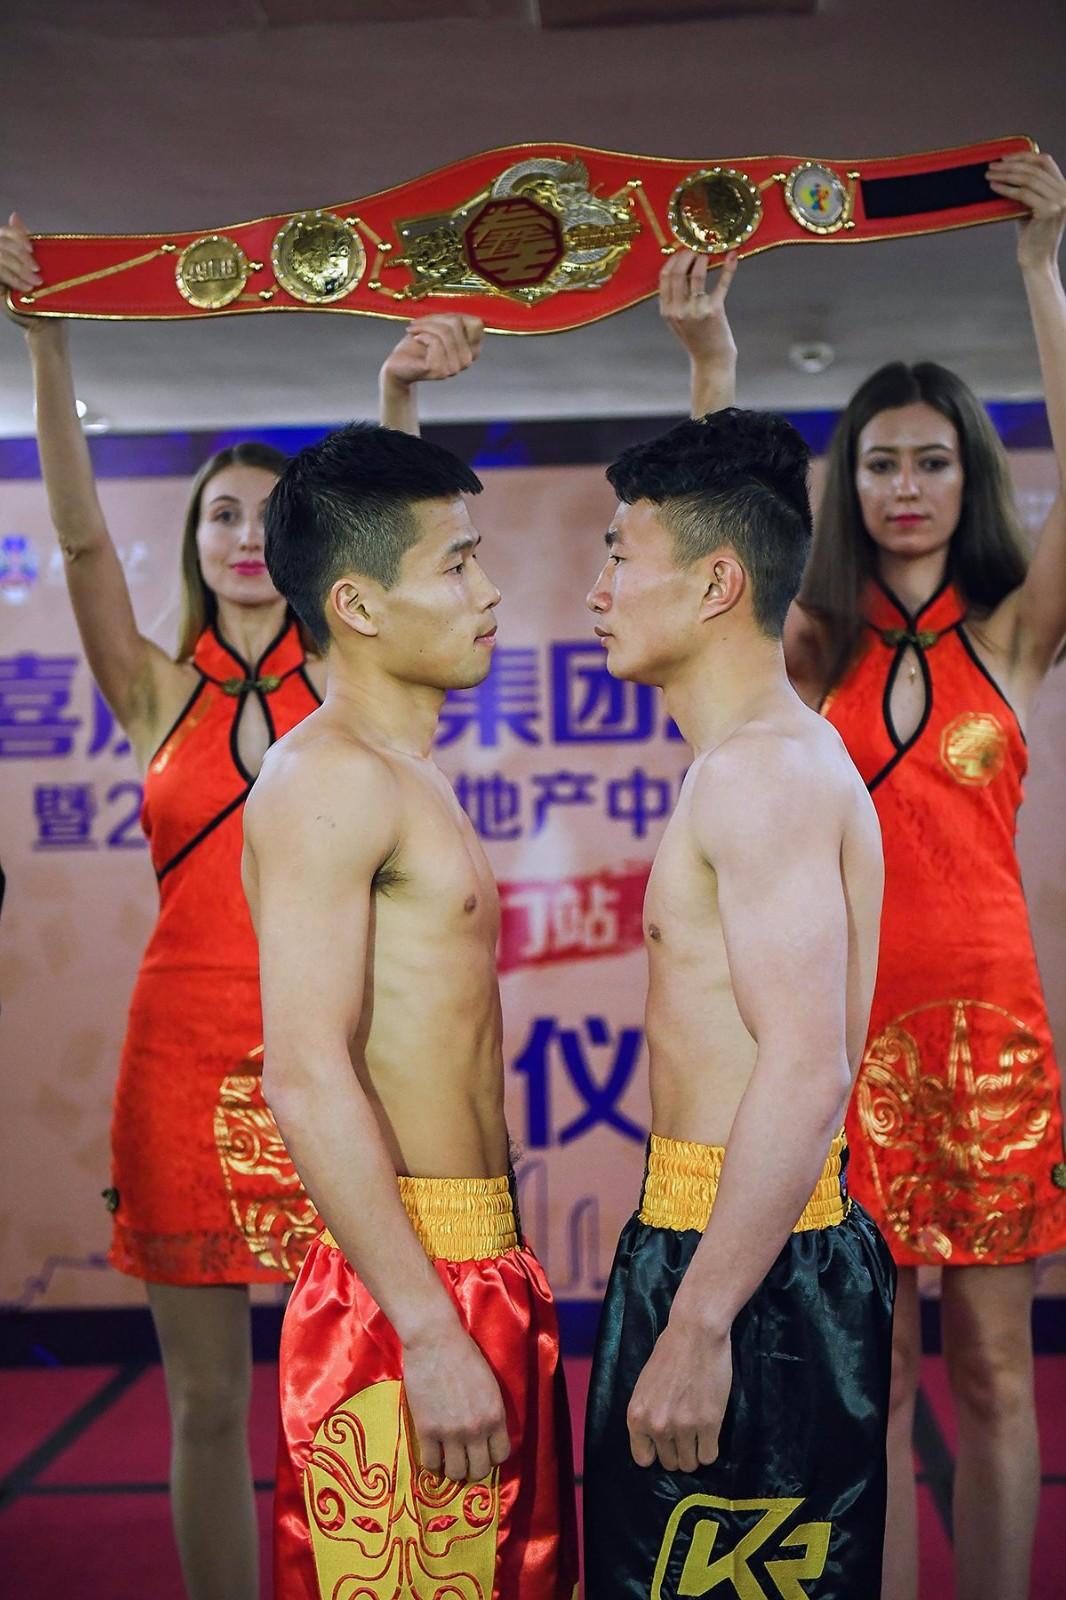 中国拳王赛厦门站称重,吕斌何君君口水战于丰铠因伤退赛